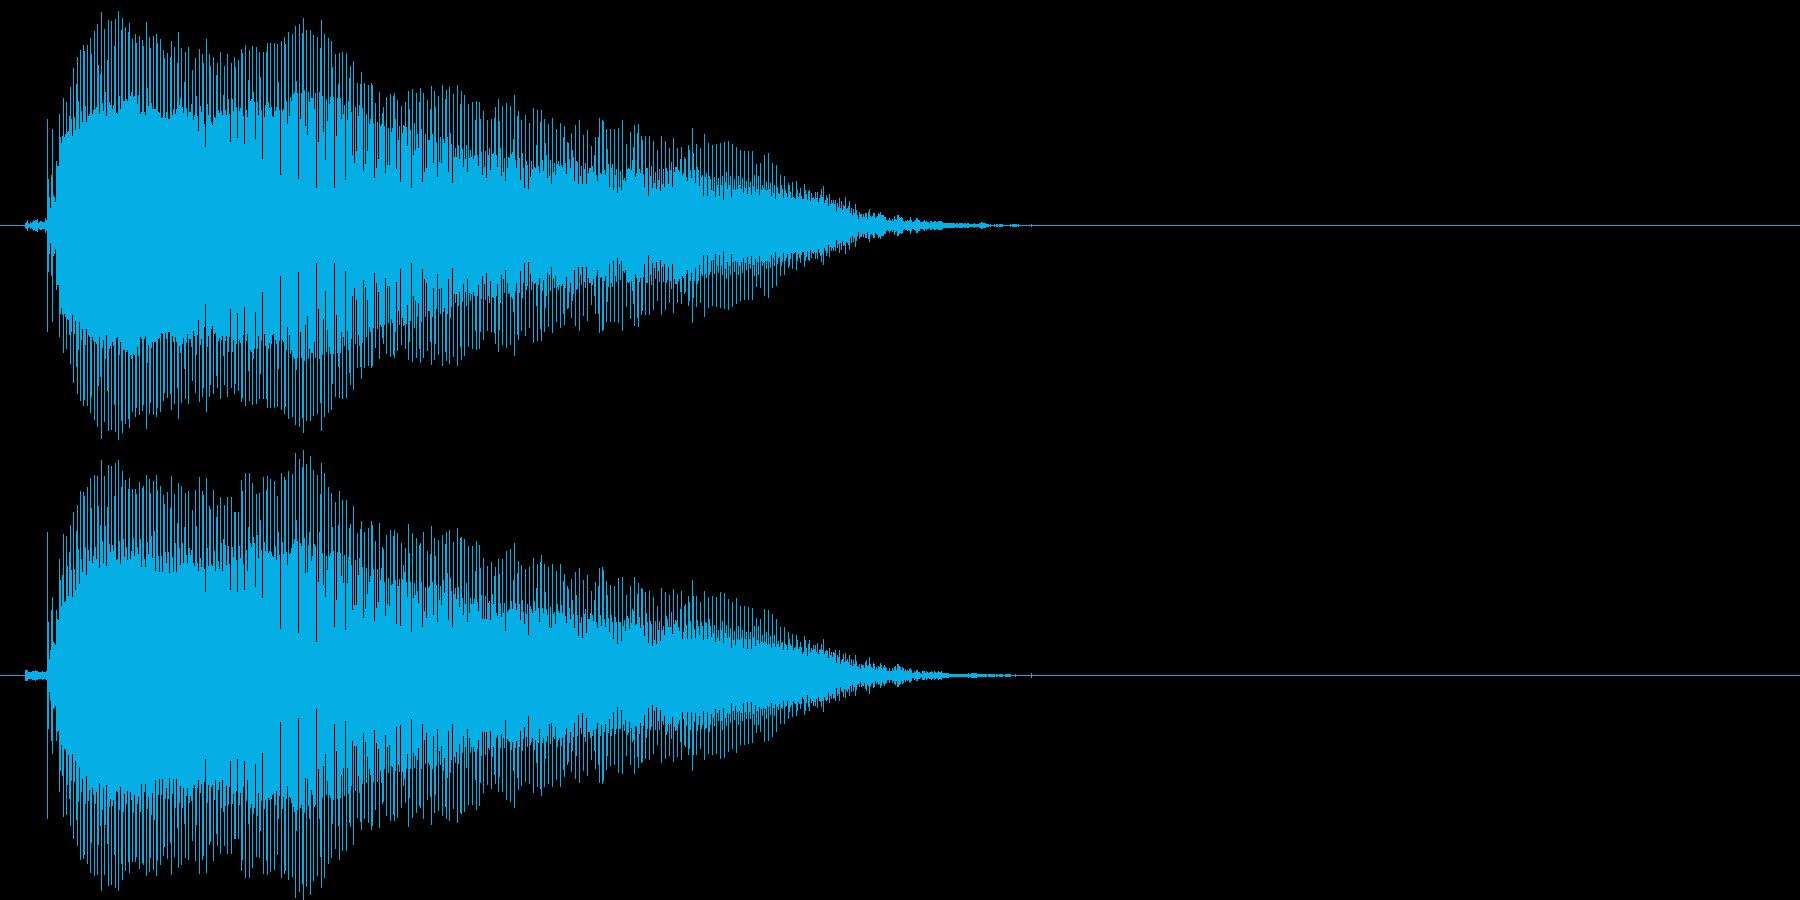 びゃー(1歳児の生声です)の再生済みの波形